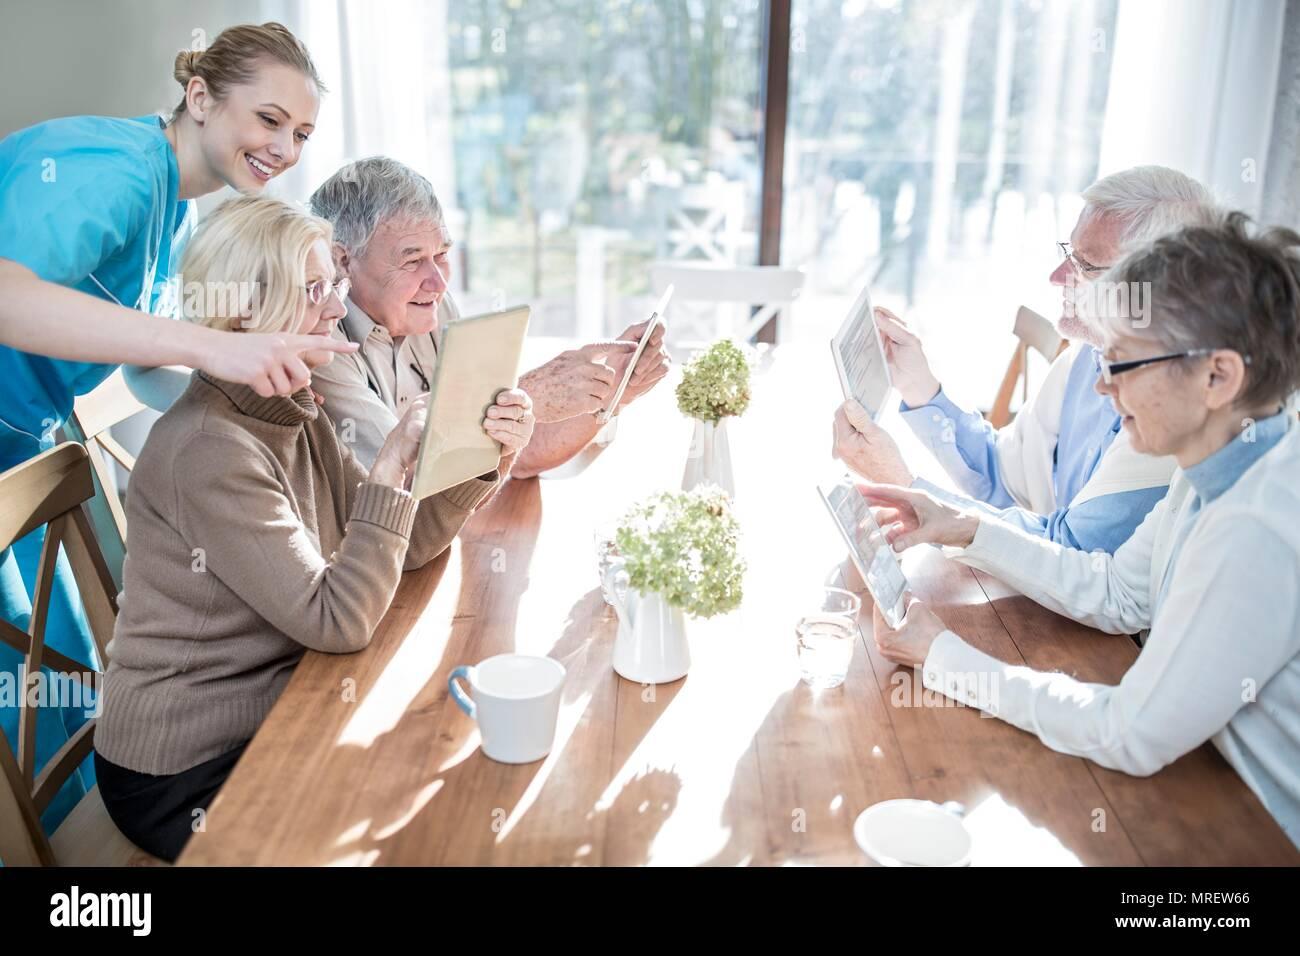 Los adultos mayores con tabletas digitales en el cuidado en casa. Imagen De Stock